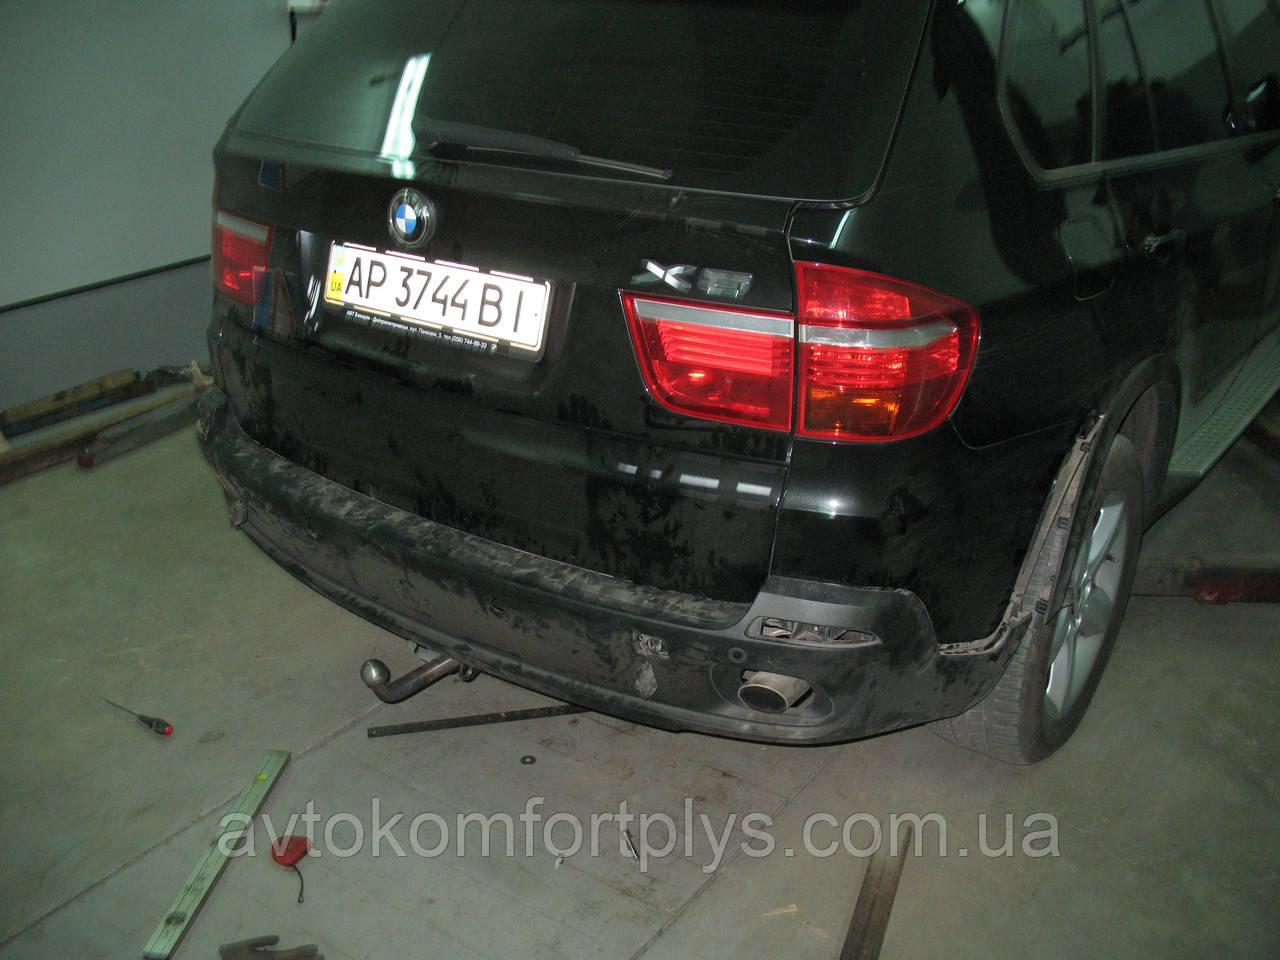 Фаркоп условно-съемный (ТСУ, тягово-сцепное устройство) BMW X5 (БМВ) (Полигон-Авто)